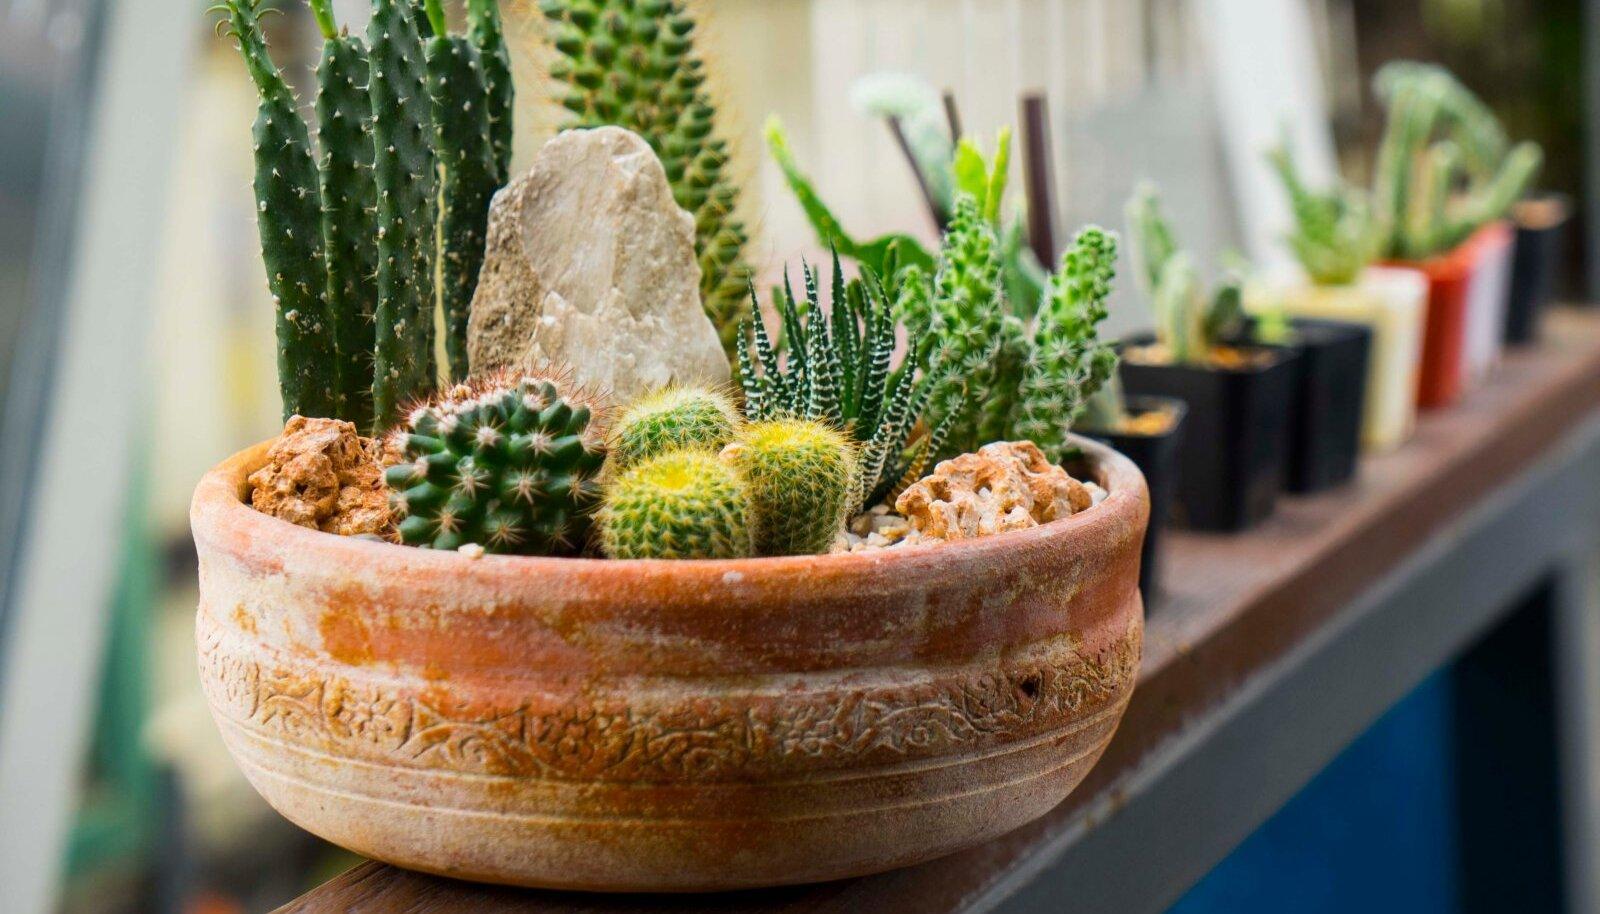 Kaktuseid on tore panna ühte potti kokku, et luua temaatilisi istutusi.